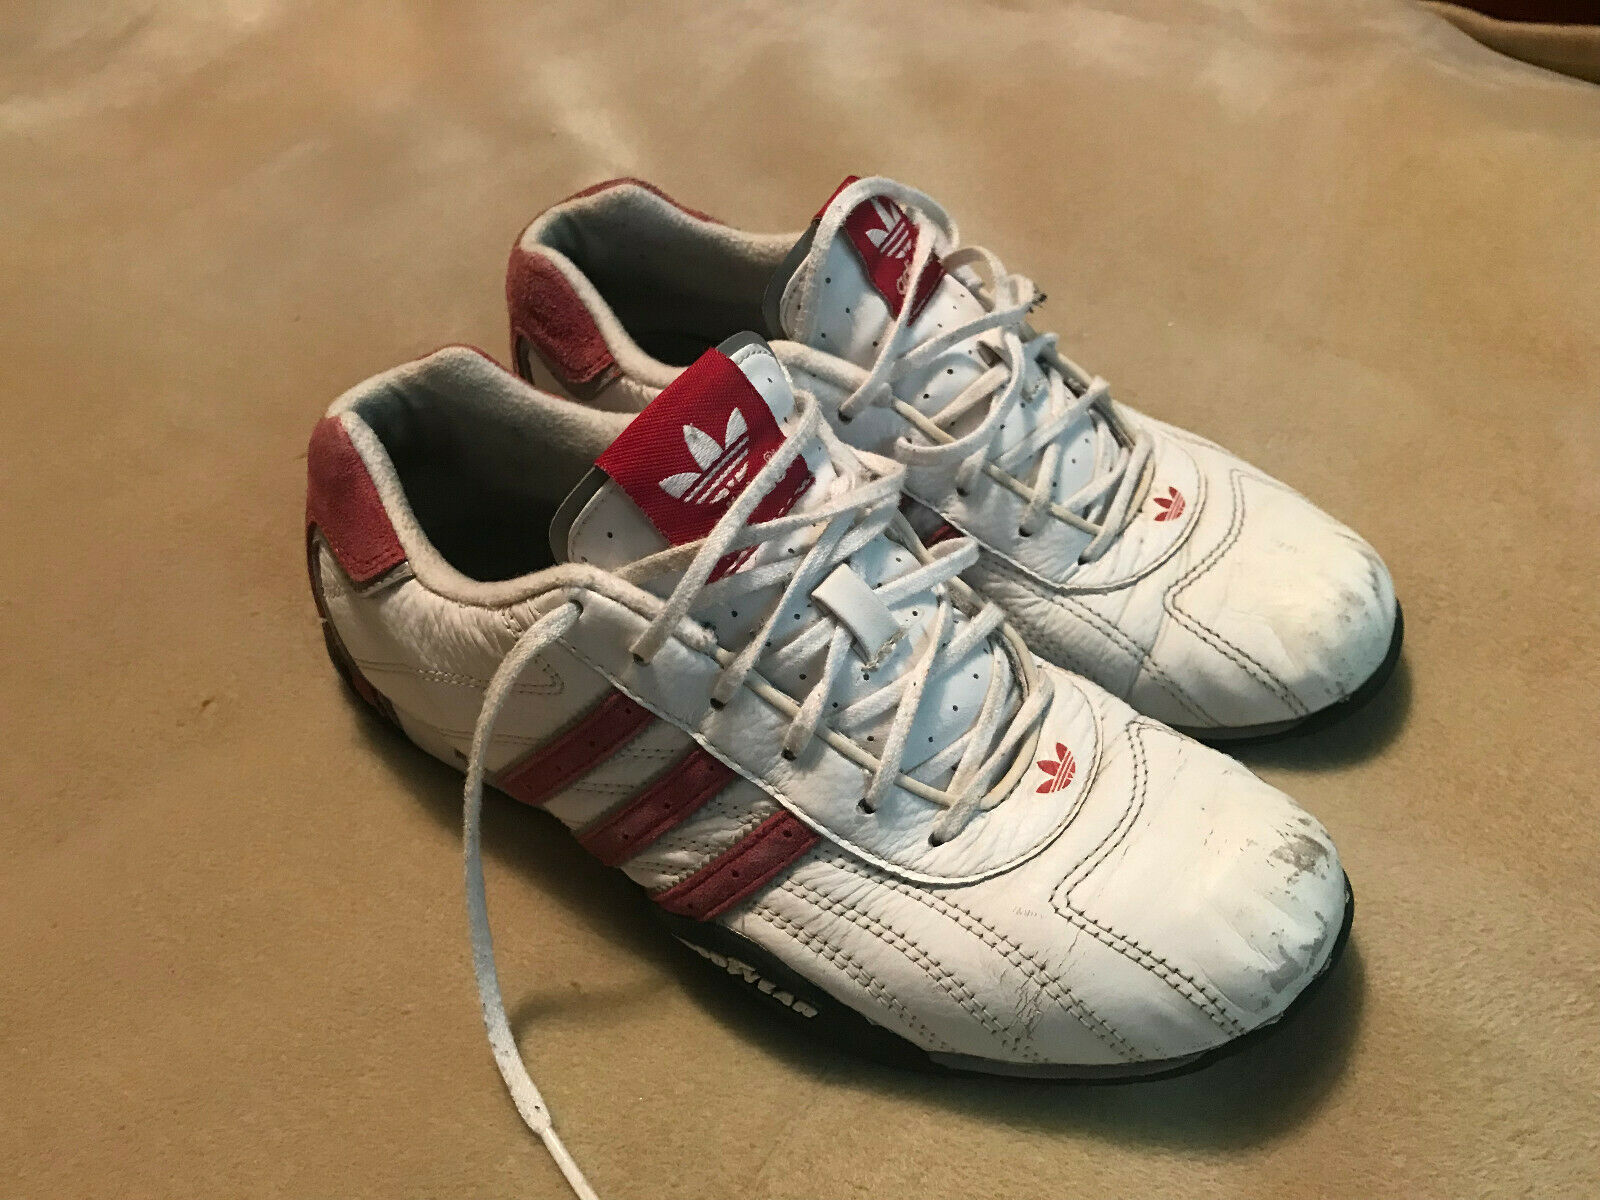 Donne adidas squadra goodyear formatori bianco   pelle rosa di dimensioni abbastanza la vita a 5,5   Ordine economico    Gentiluomo/Signora Scarpa